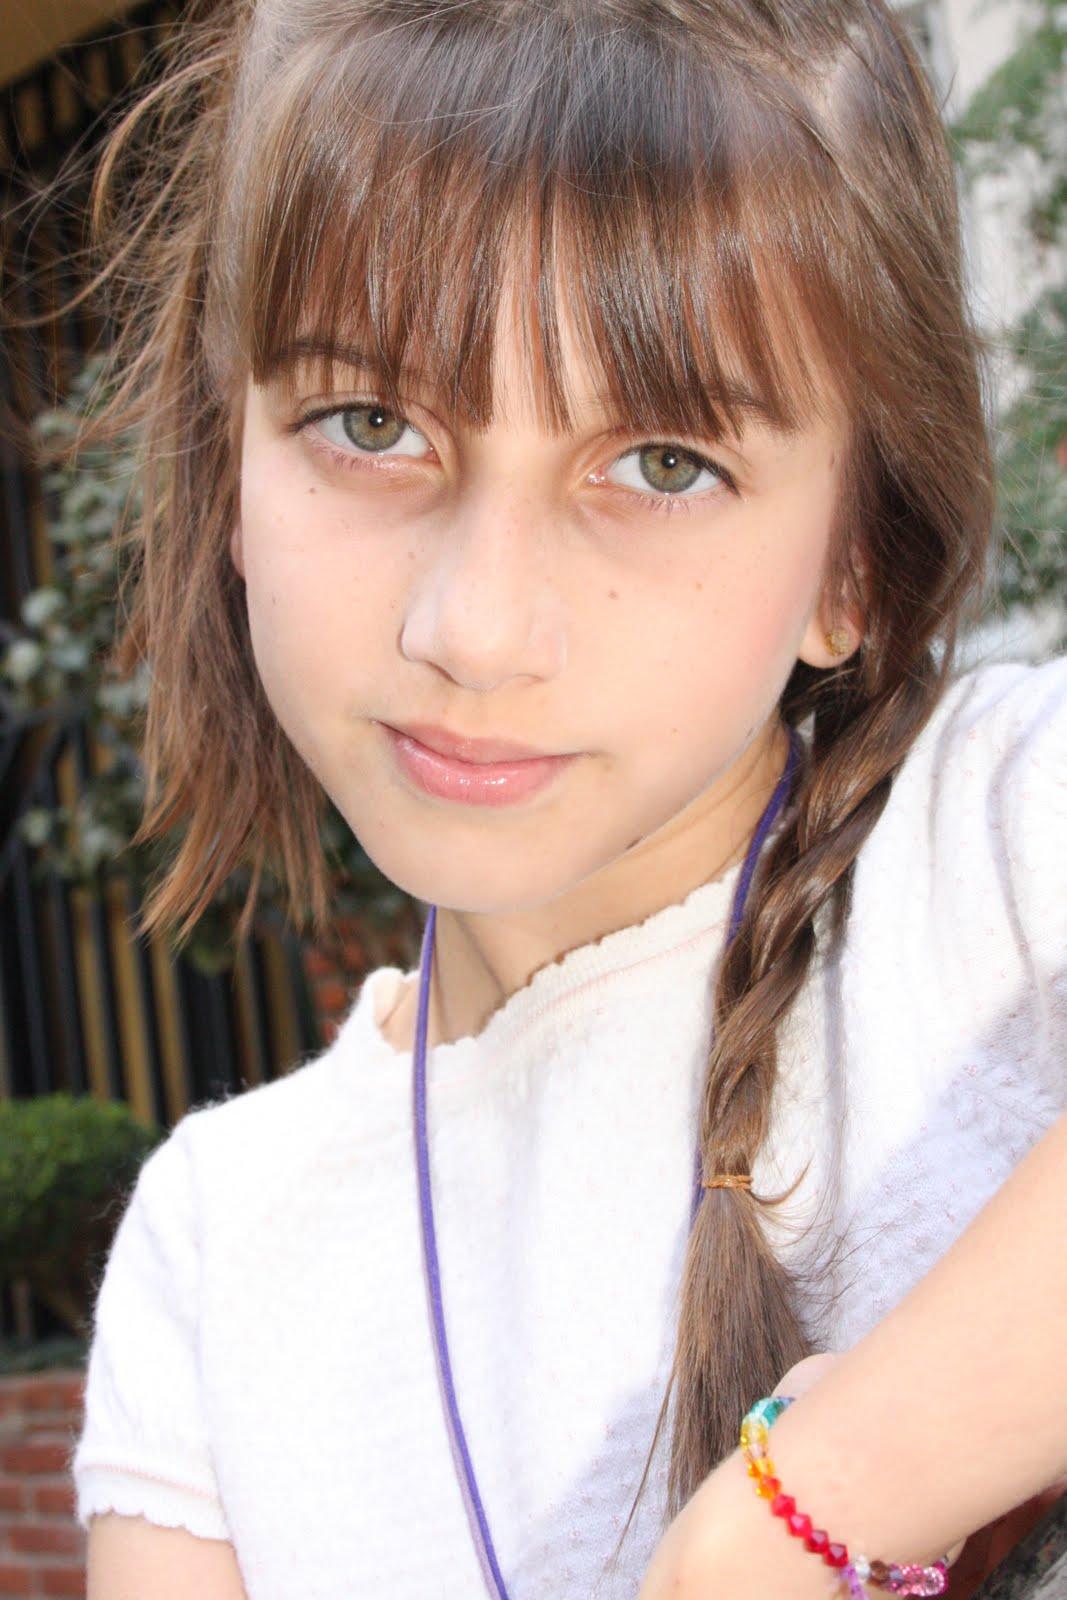 tatar teen girl model